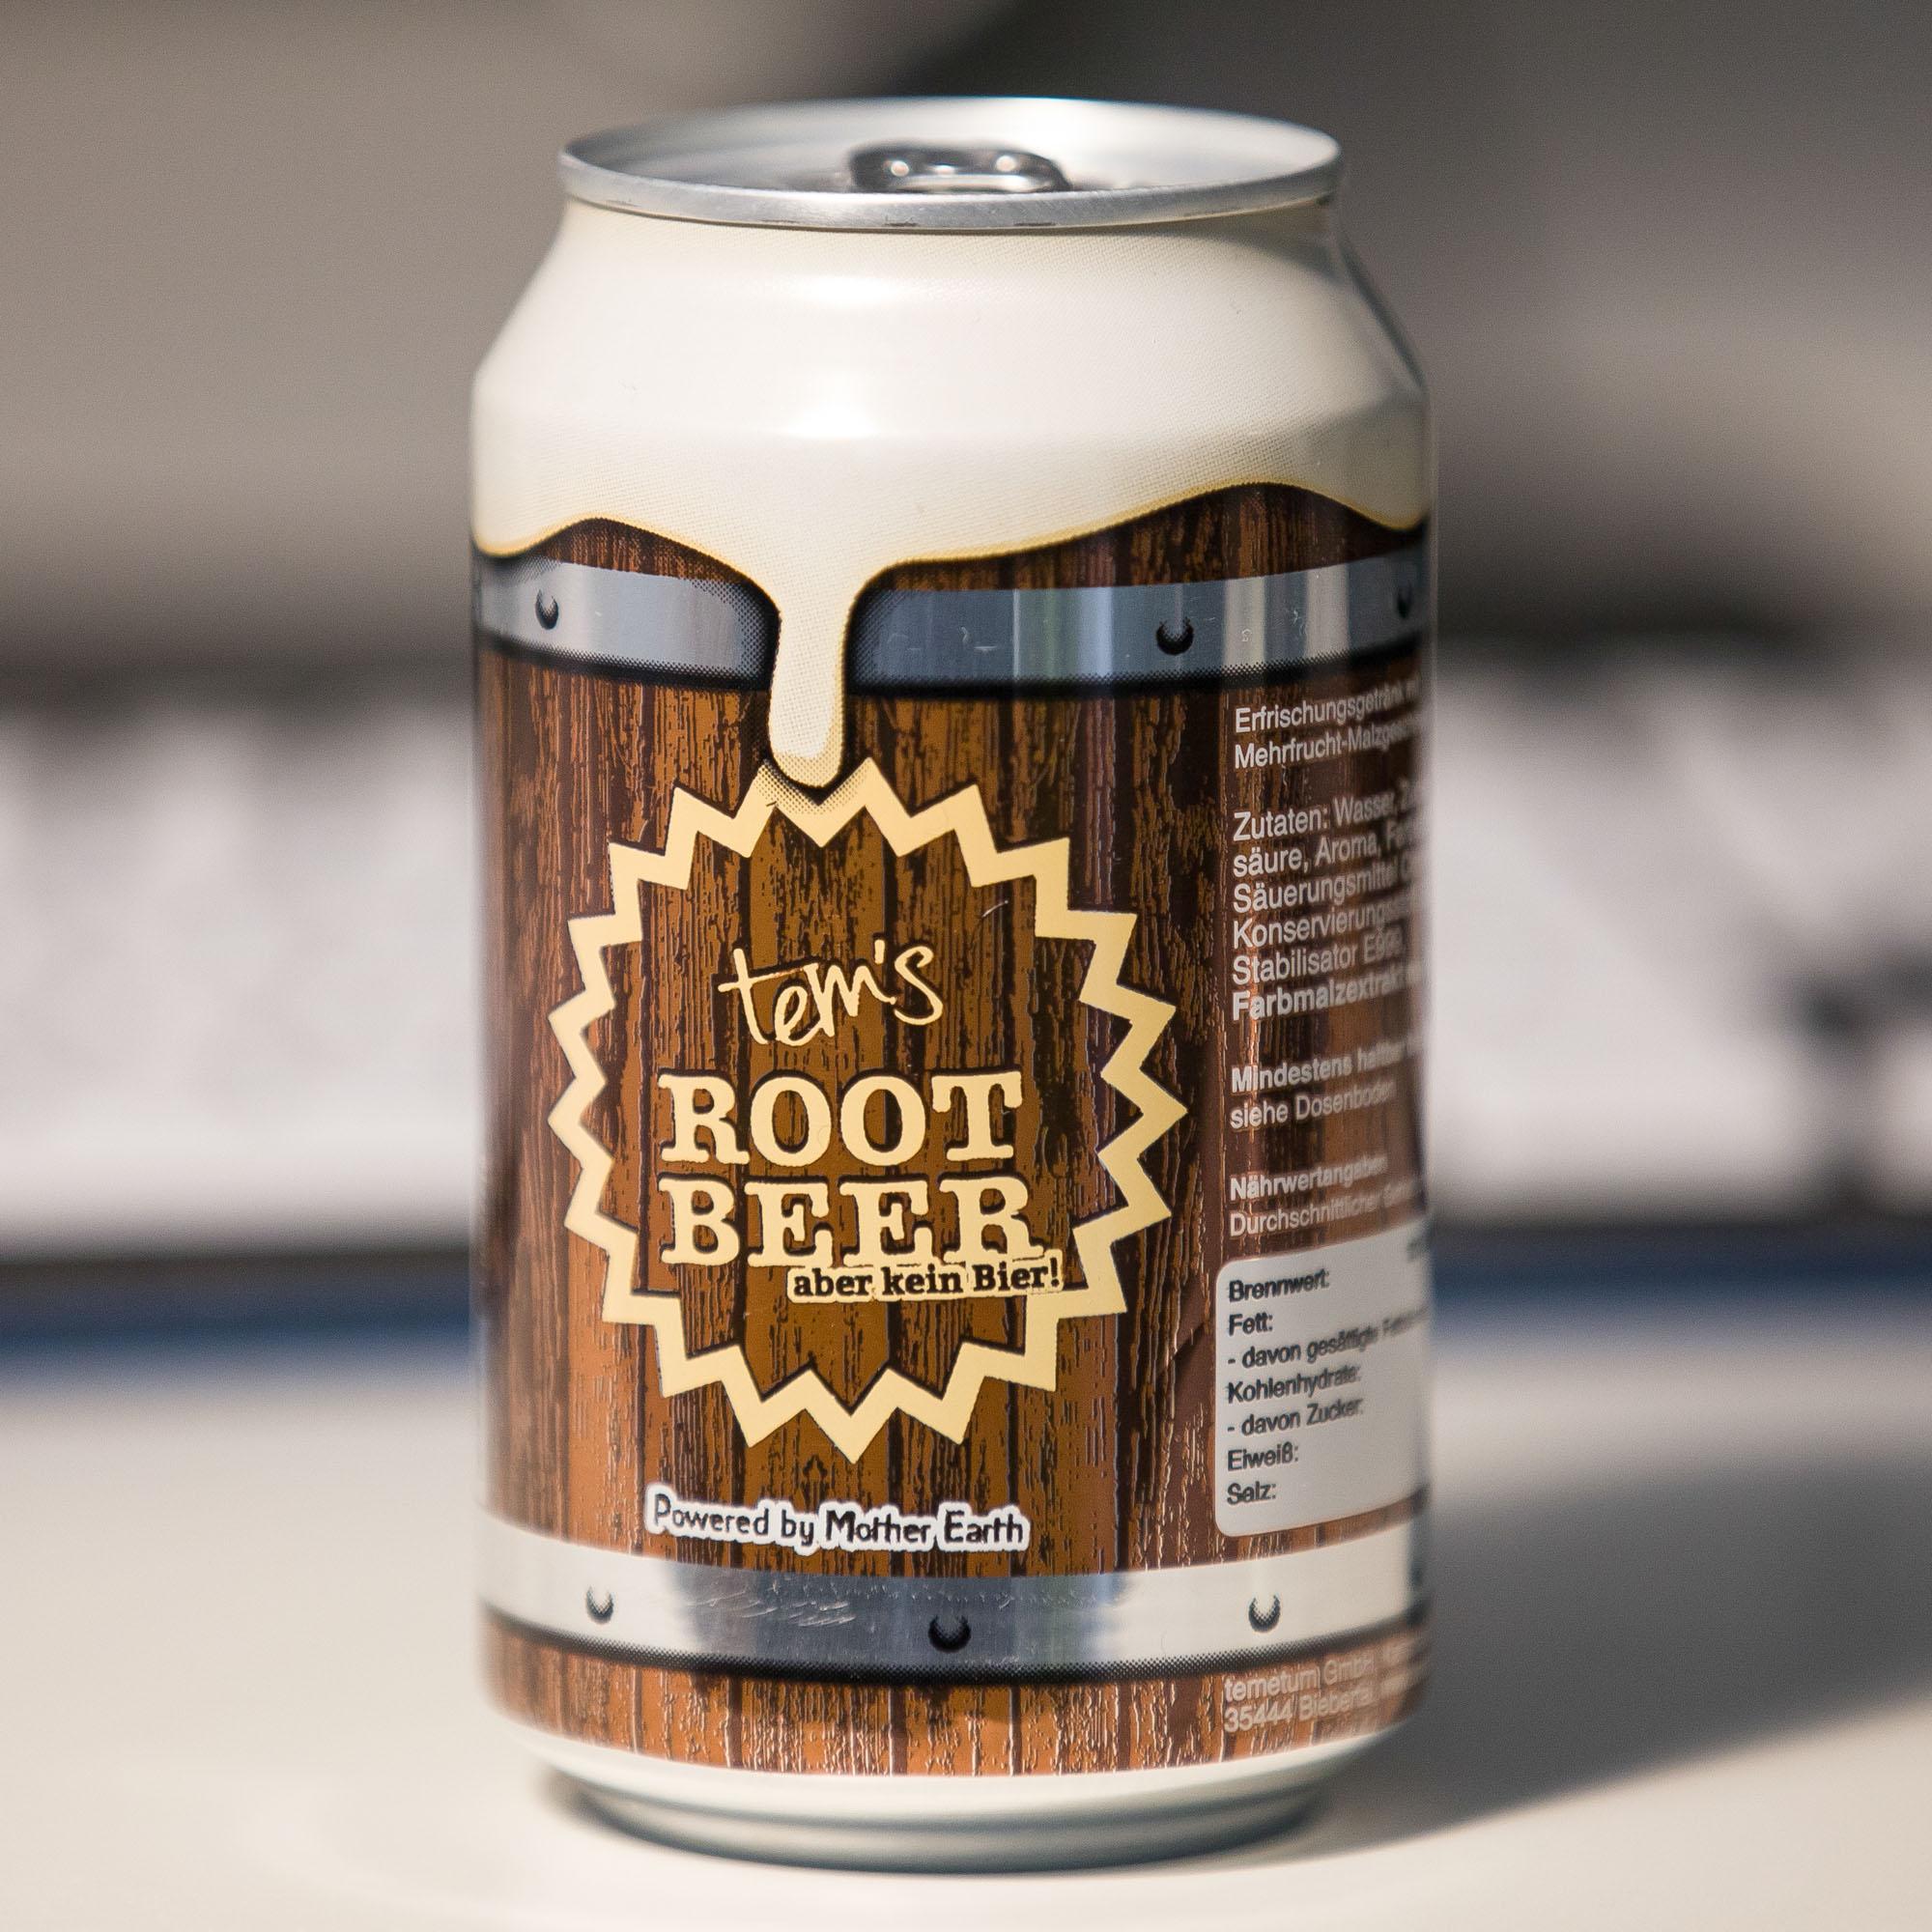 tems-root-beer-photo-by-alexander-grosse-strangmann